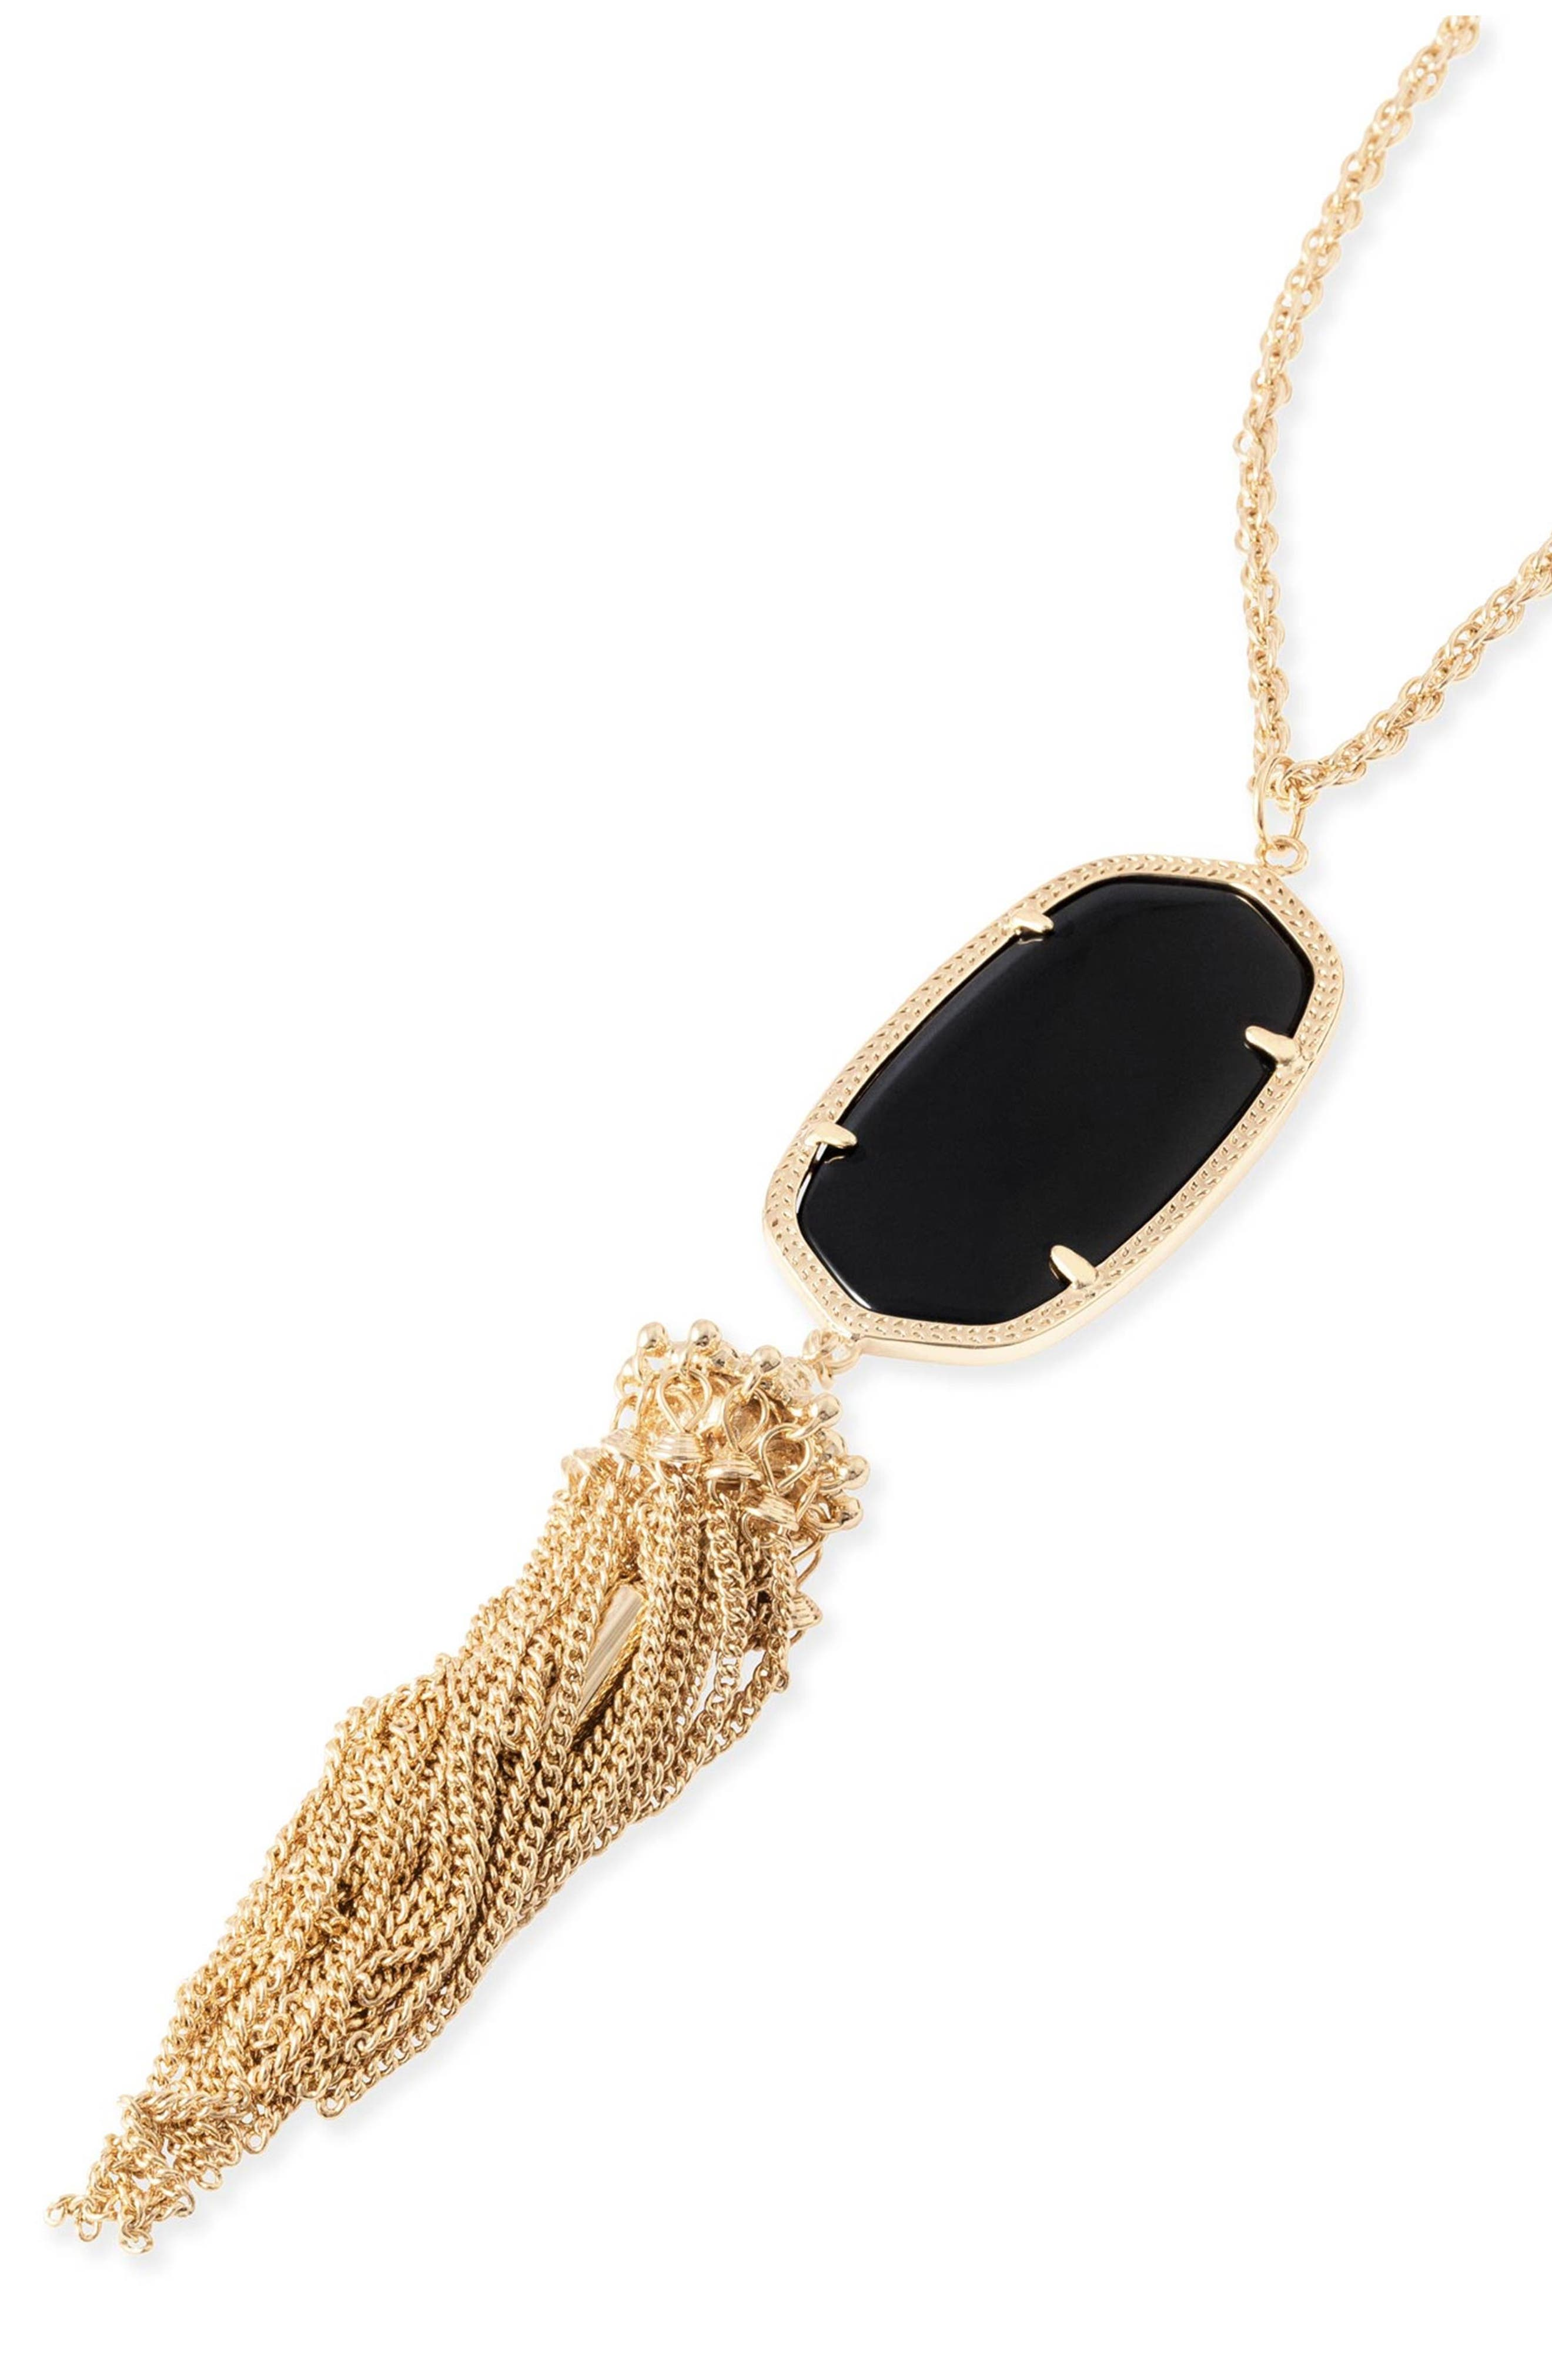 KENDRA SCOTT, Rayne Stone Tassel Pendant Necklace, Alternate thumbnail 3, color, 001